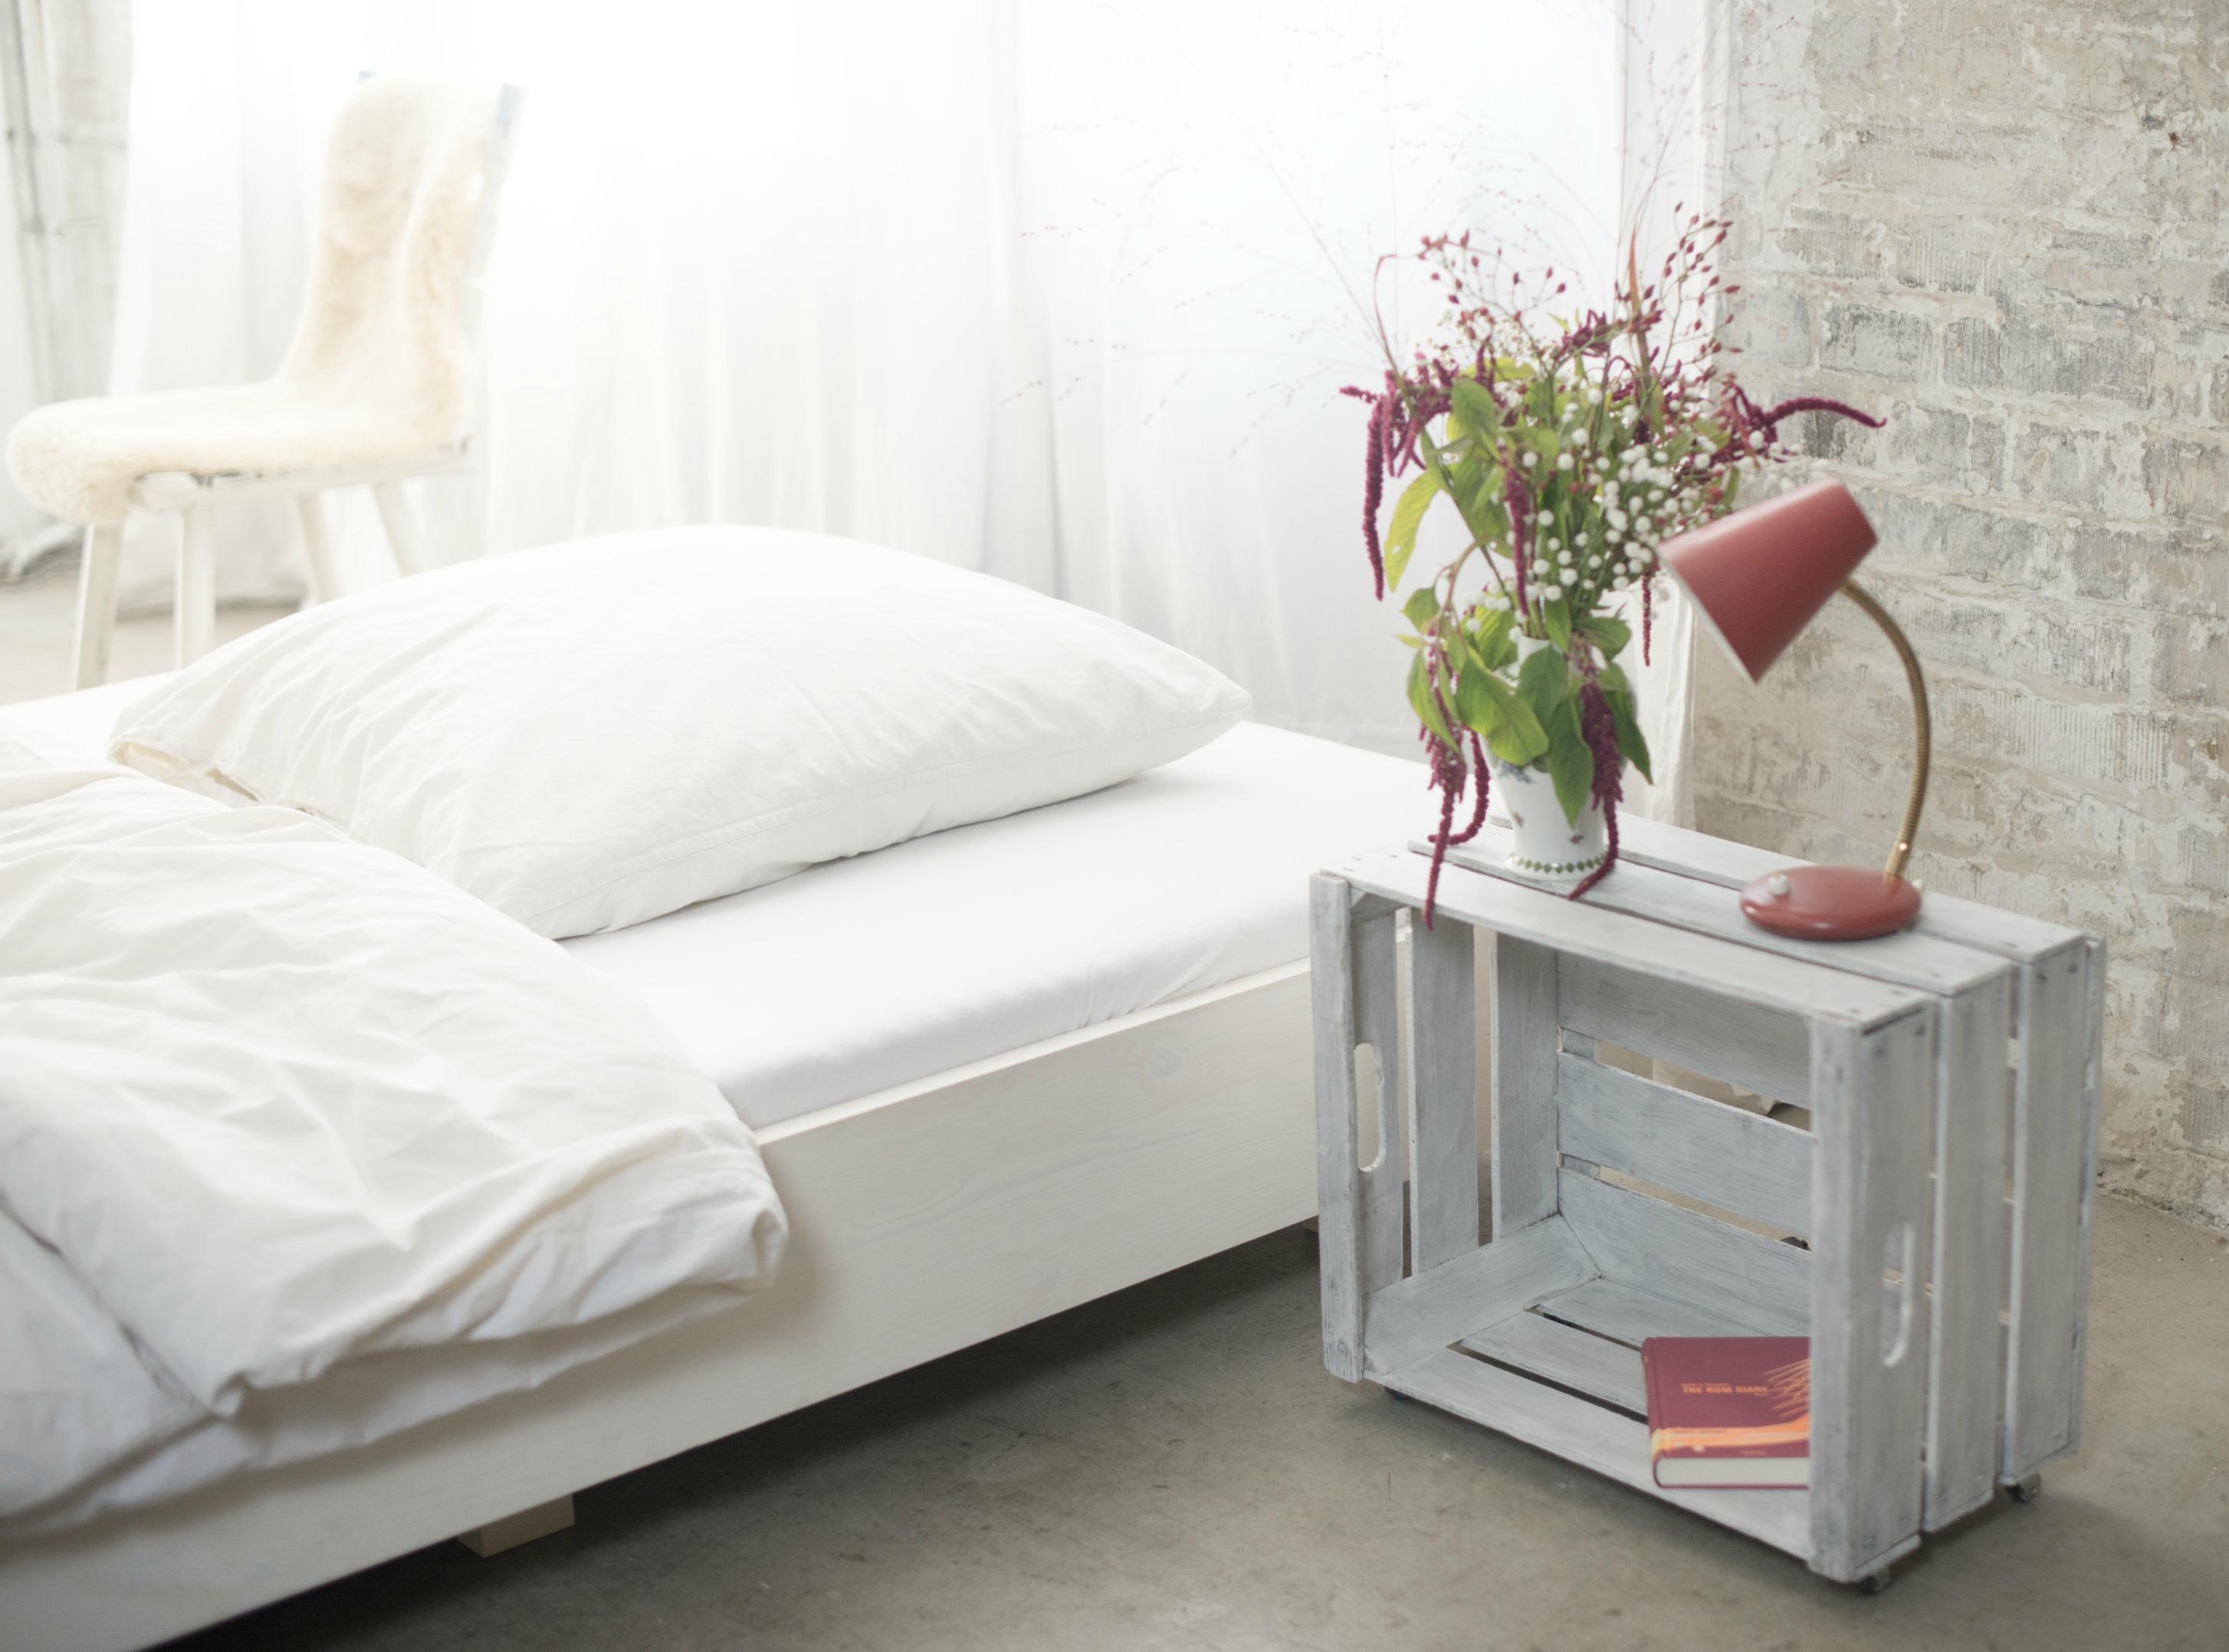 Zimmer einrichten streichen for Zimmer selber streichen